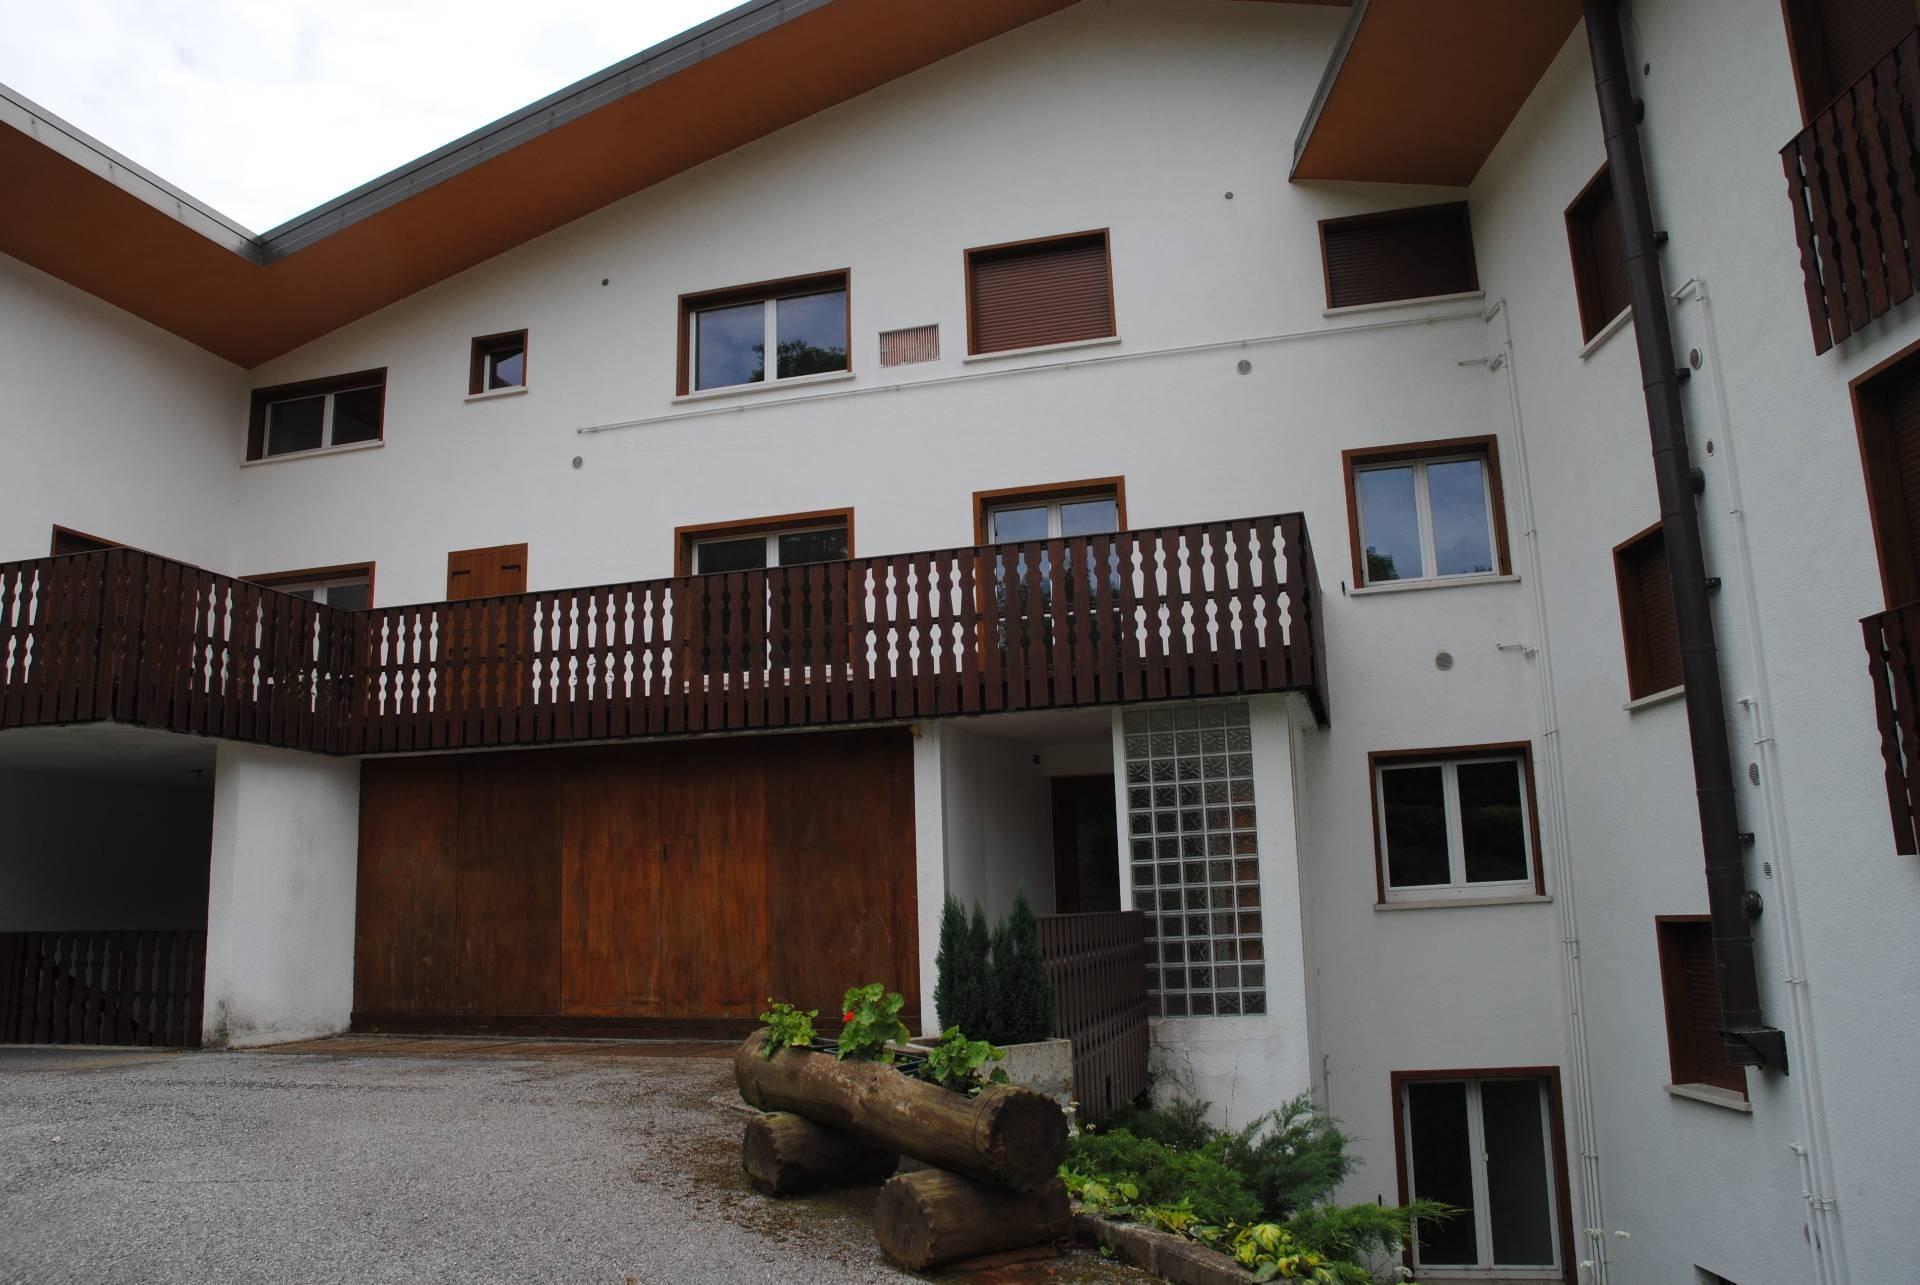 Case e appartamenti in vendita a paularo for Subito fvg arredamento